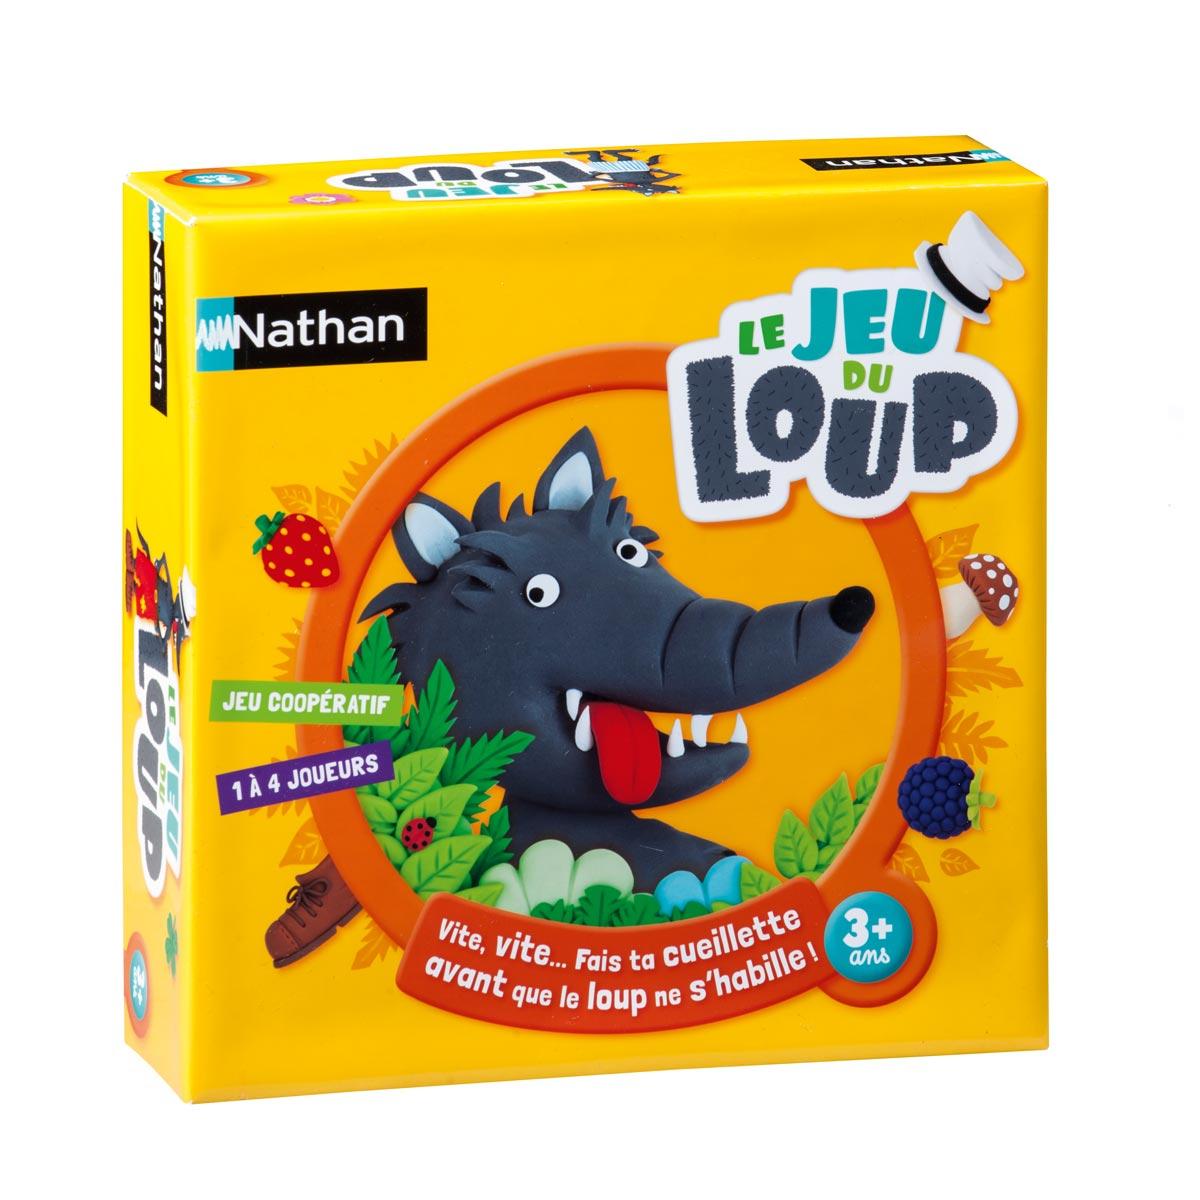 Jeu De Société Le Jeu Du Loup, nommé Jeux Educatif 4 Ans